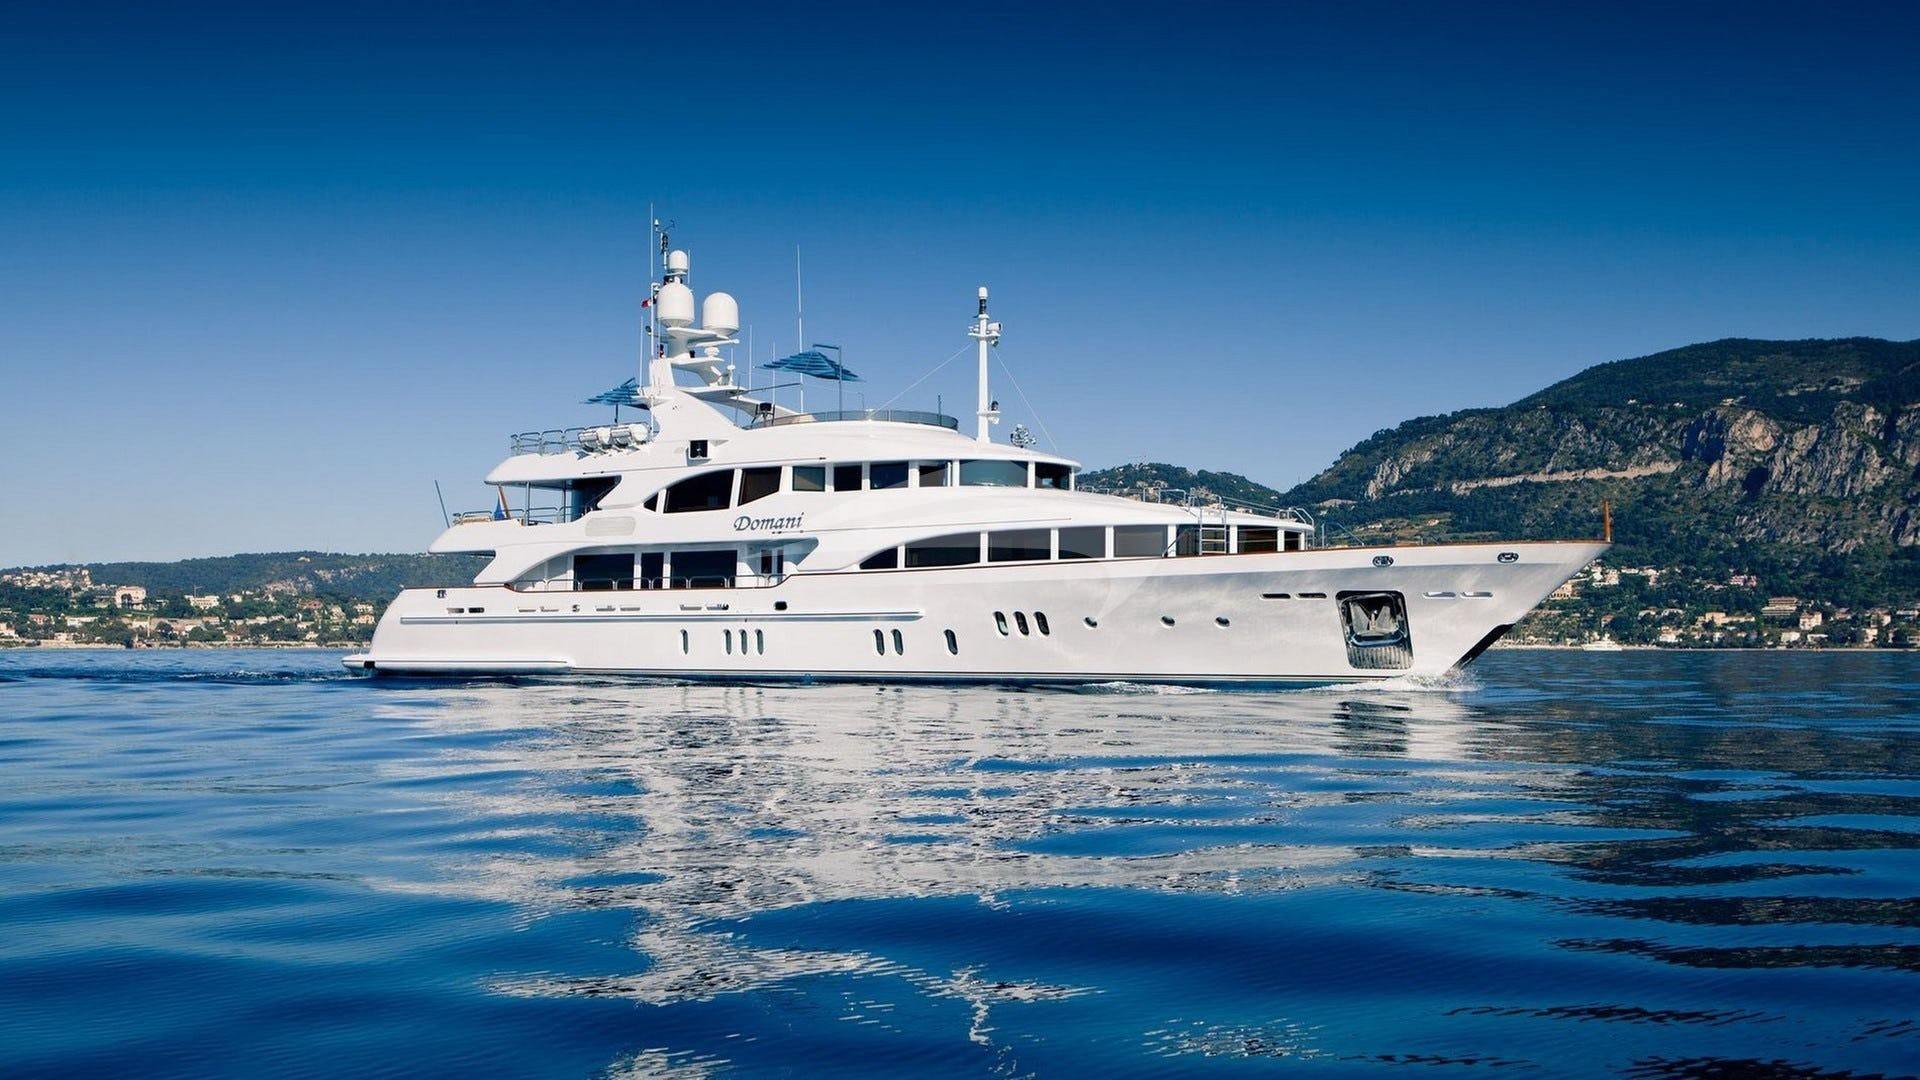 Yacht DOMANI Charter Yacht